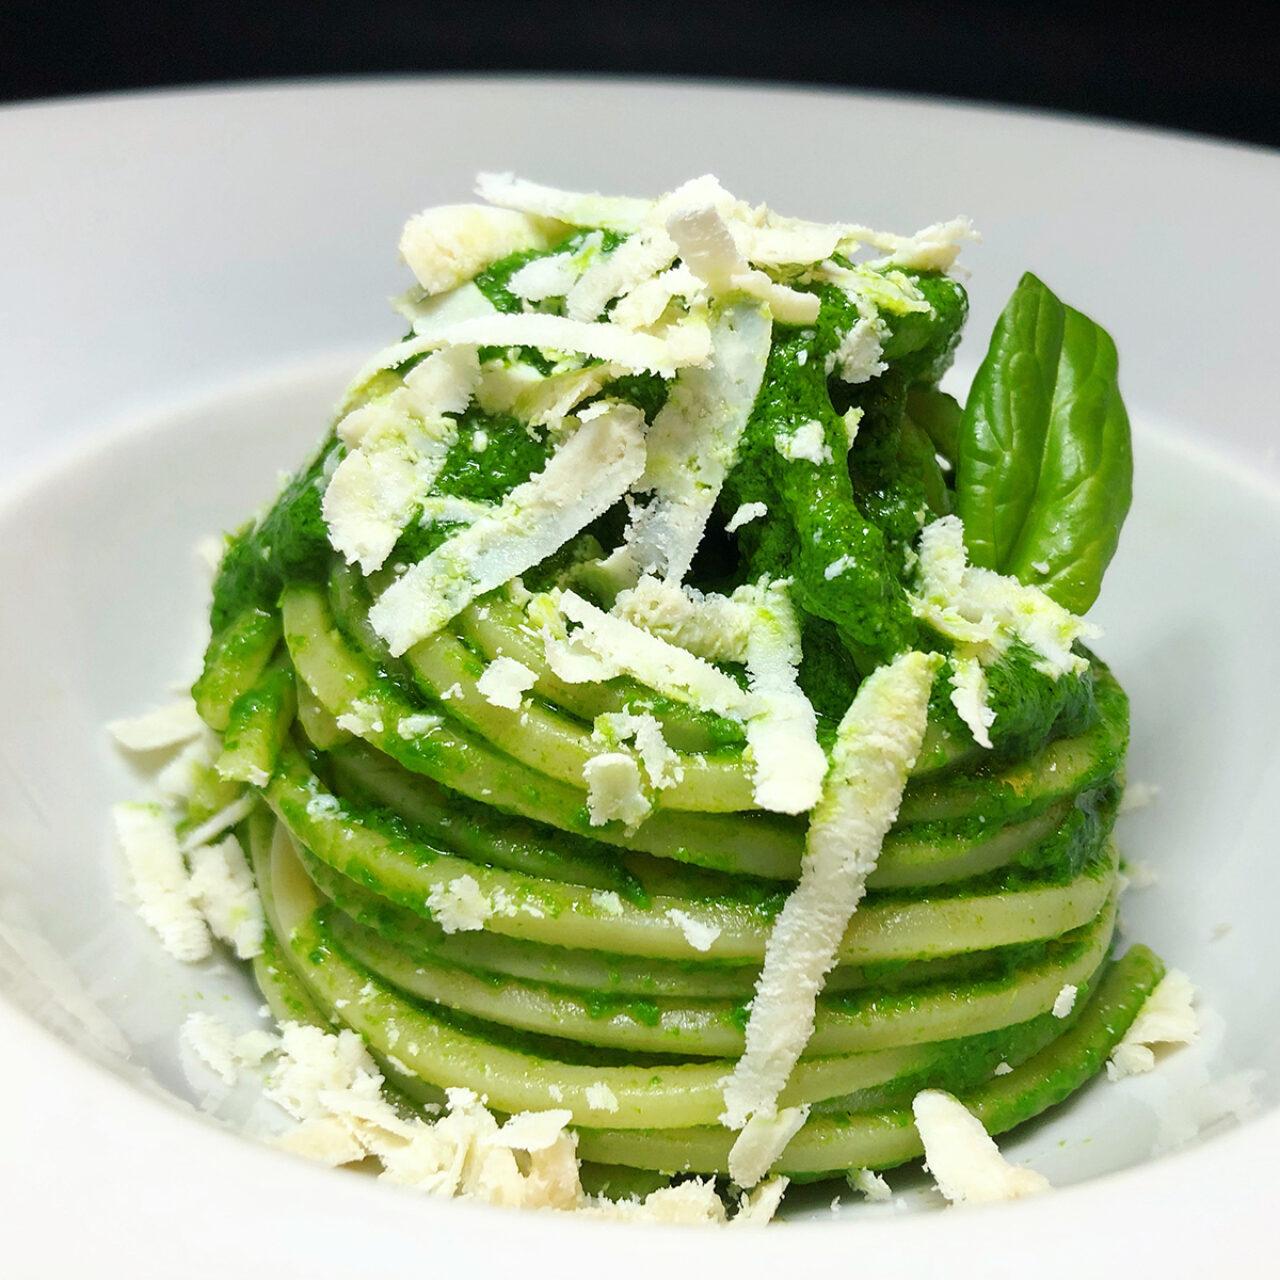 Chitarra Pasta Armando con spinaci e ricotta salata